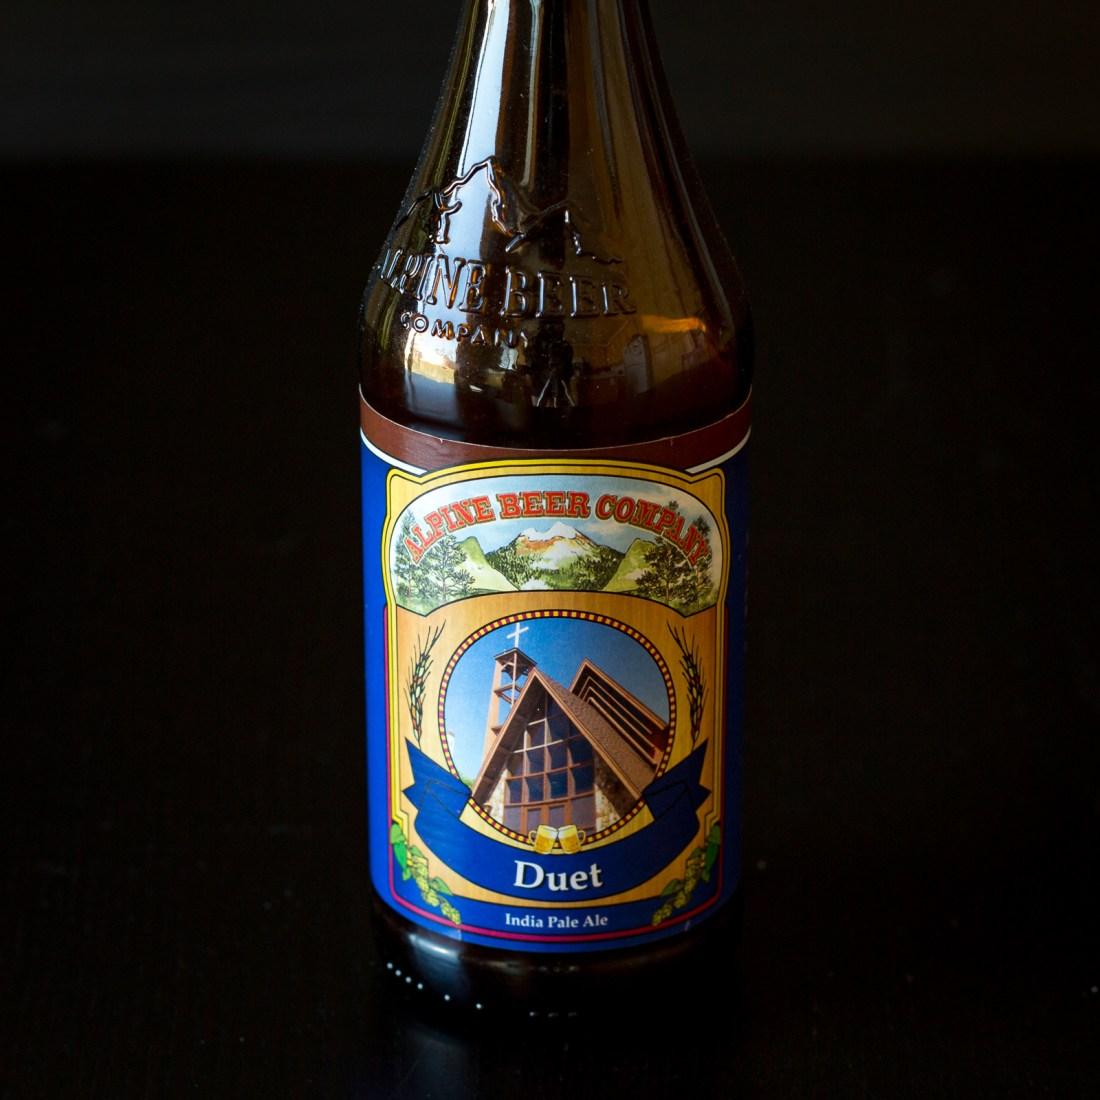 Alpine Beer Company - Duet